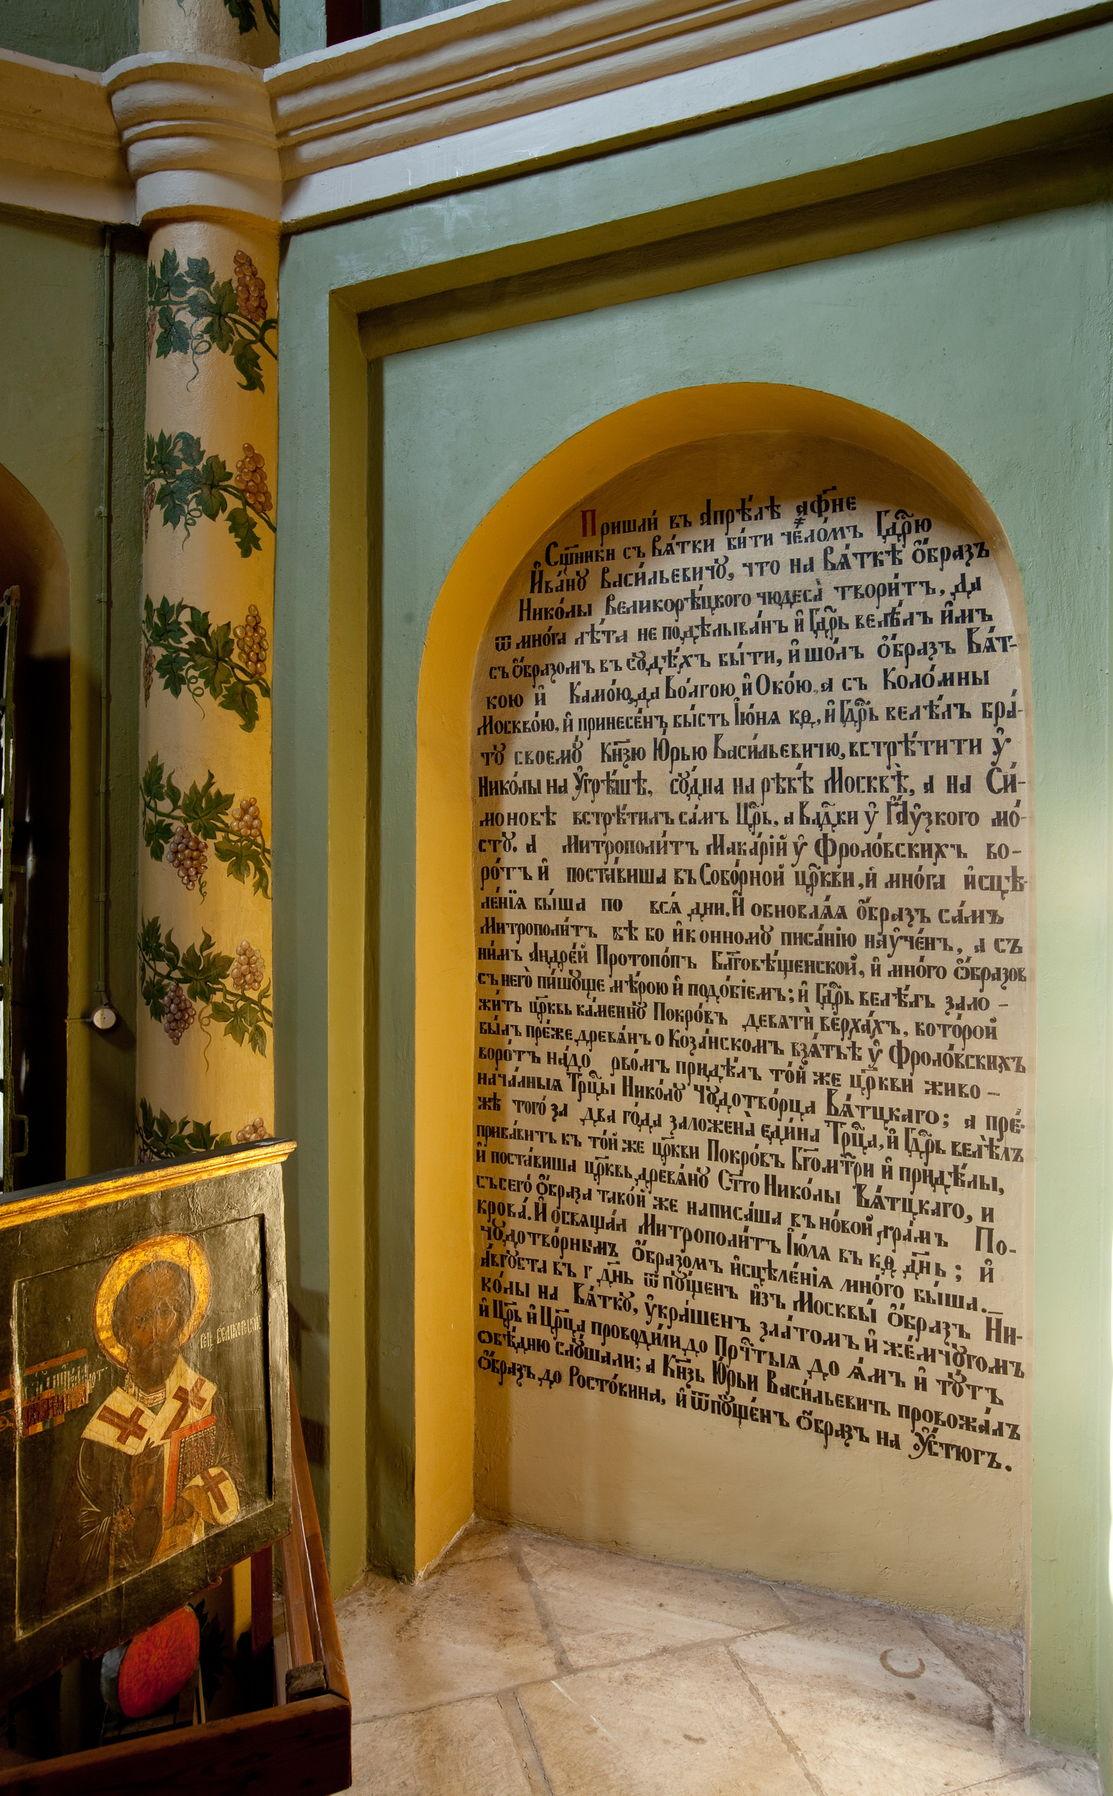 Фрагмент текста Никоновской летописи на стене церкви во имя Великорецкого образа святителя Николая